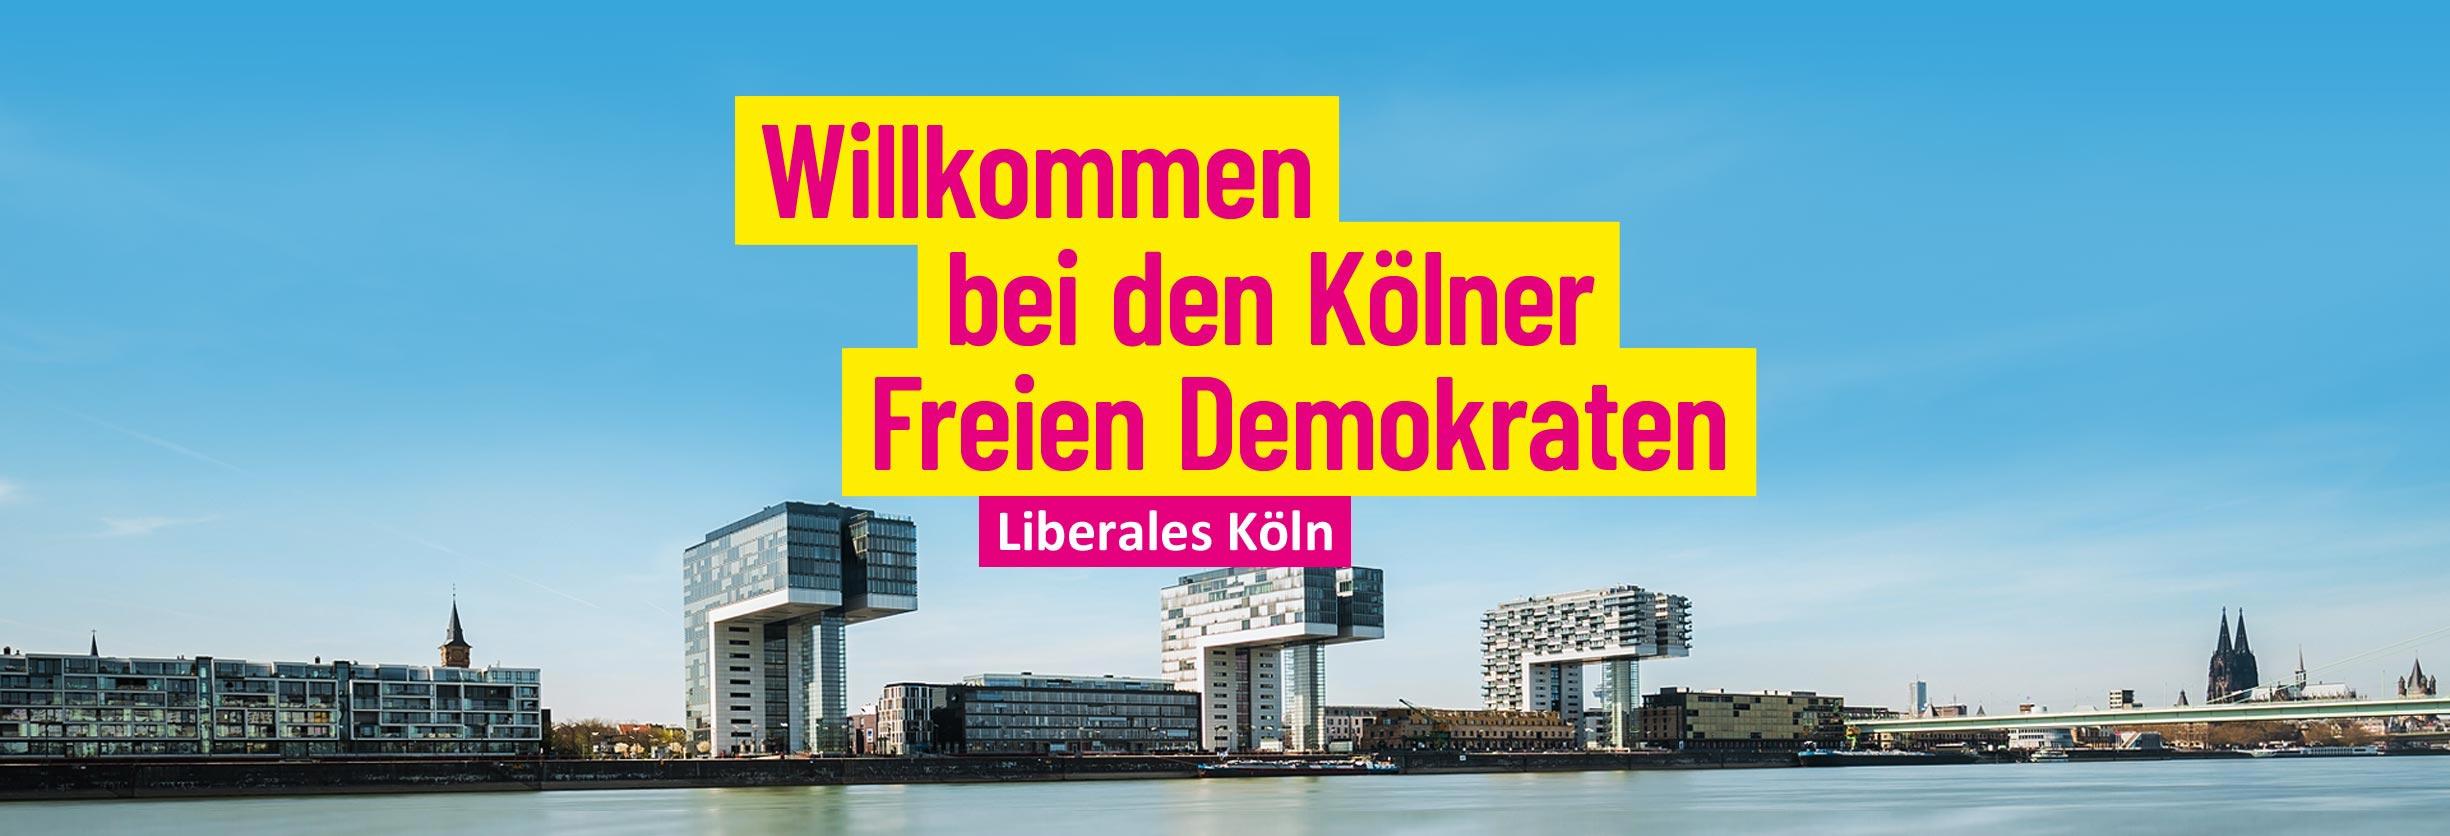 Bundestagswahl 2021: Starkes Programm, starke Kandidaten. Nie gab es mehr zu tun.